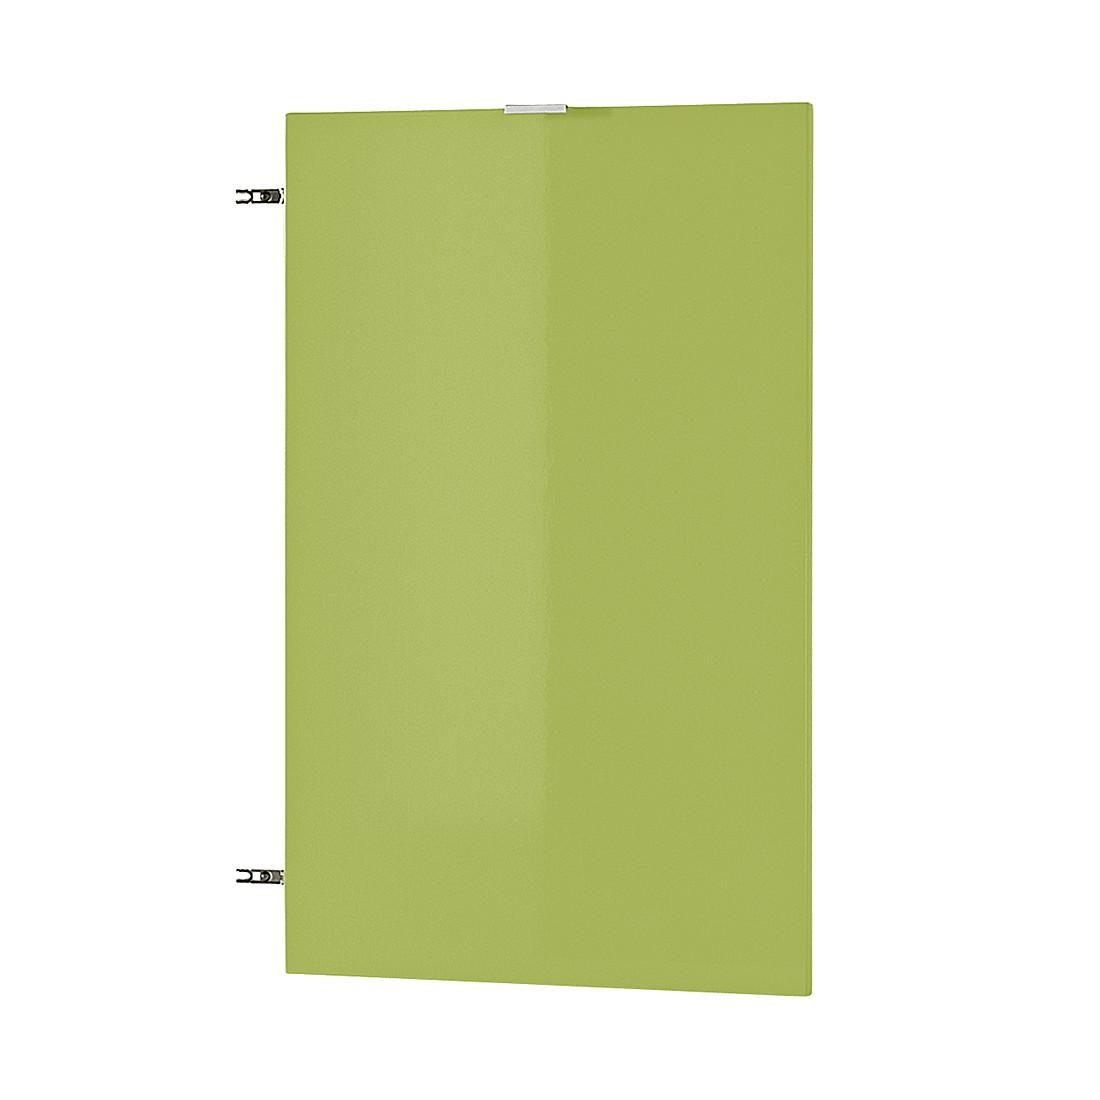 Image of Anta Colorado (con ripiano) - Verde lucido, Germania